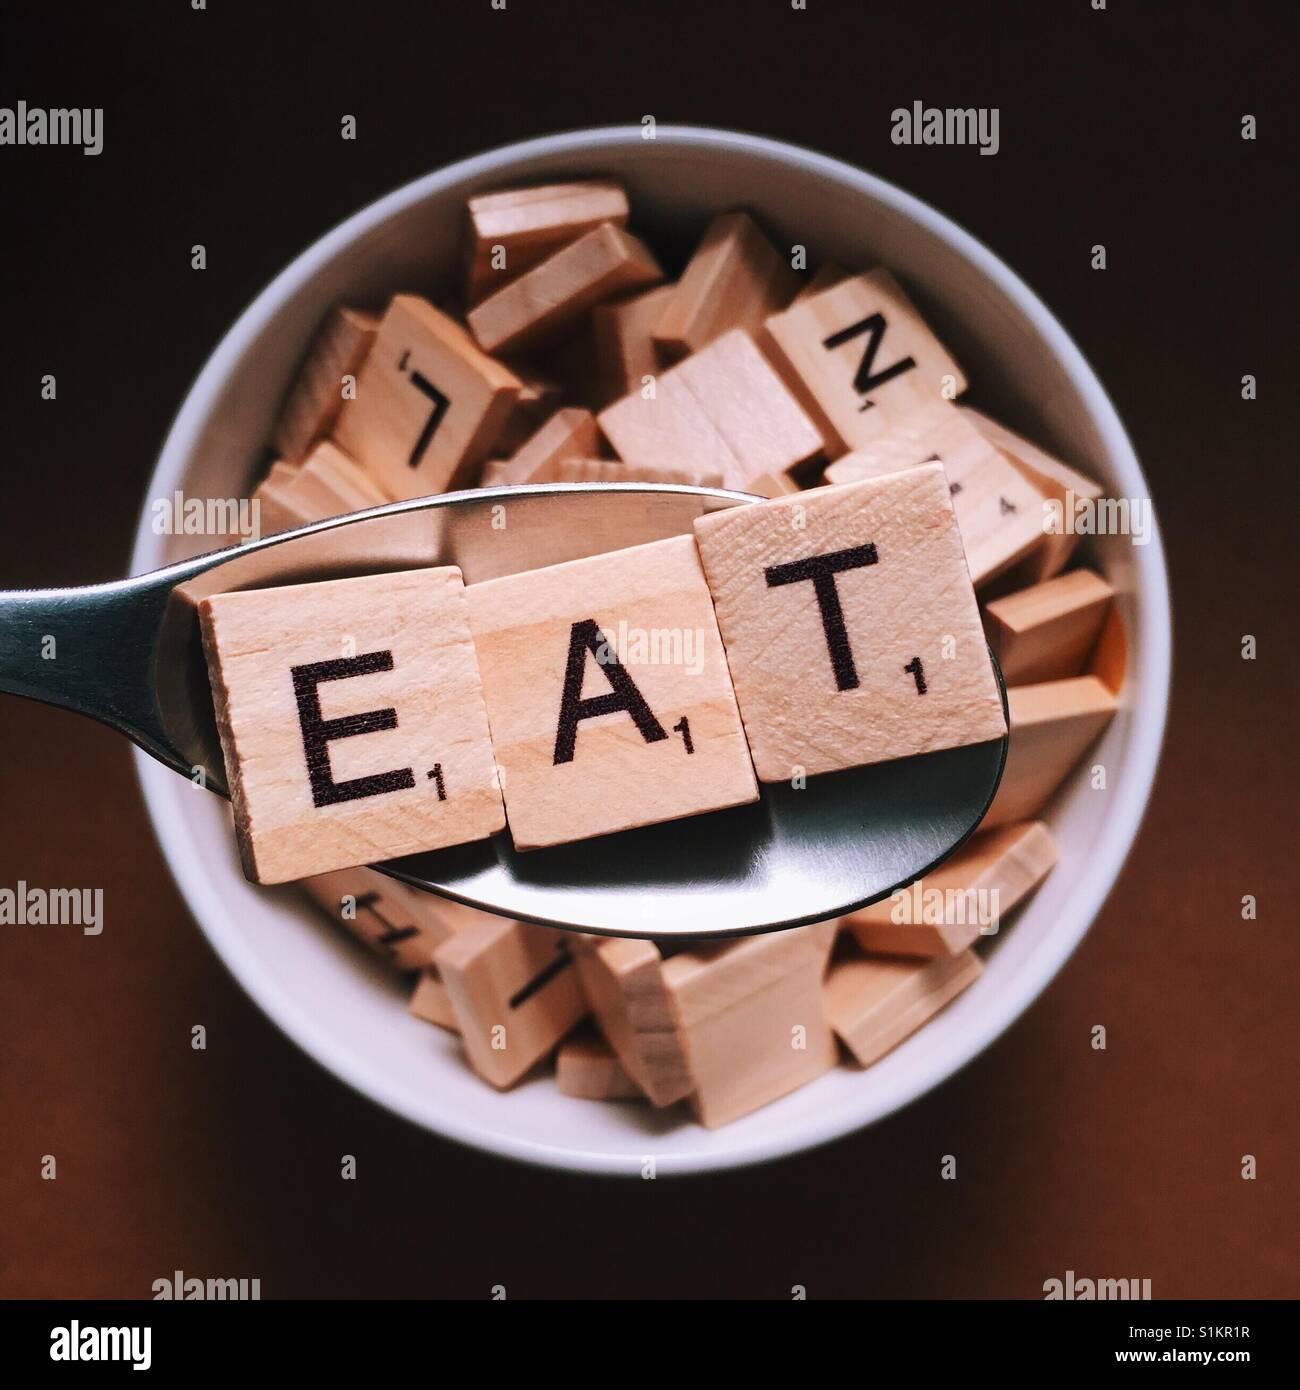 Nahaufnahme eines Löffels Essen mit Holzbuchstaben auf Rechtschreibung und eine Schüssel voller Holzbuchstaben Stockbild